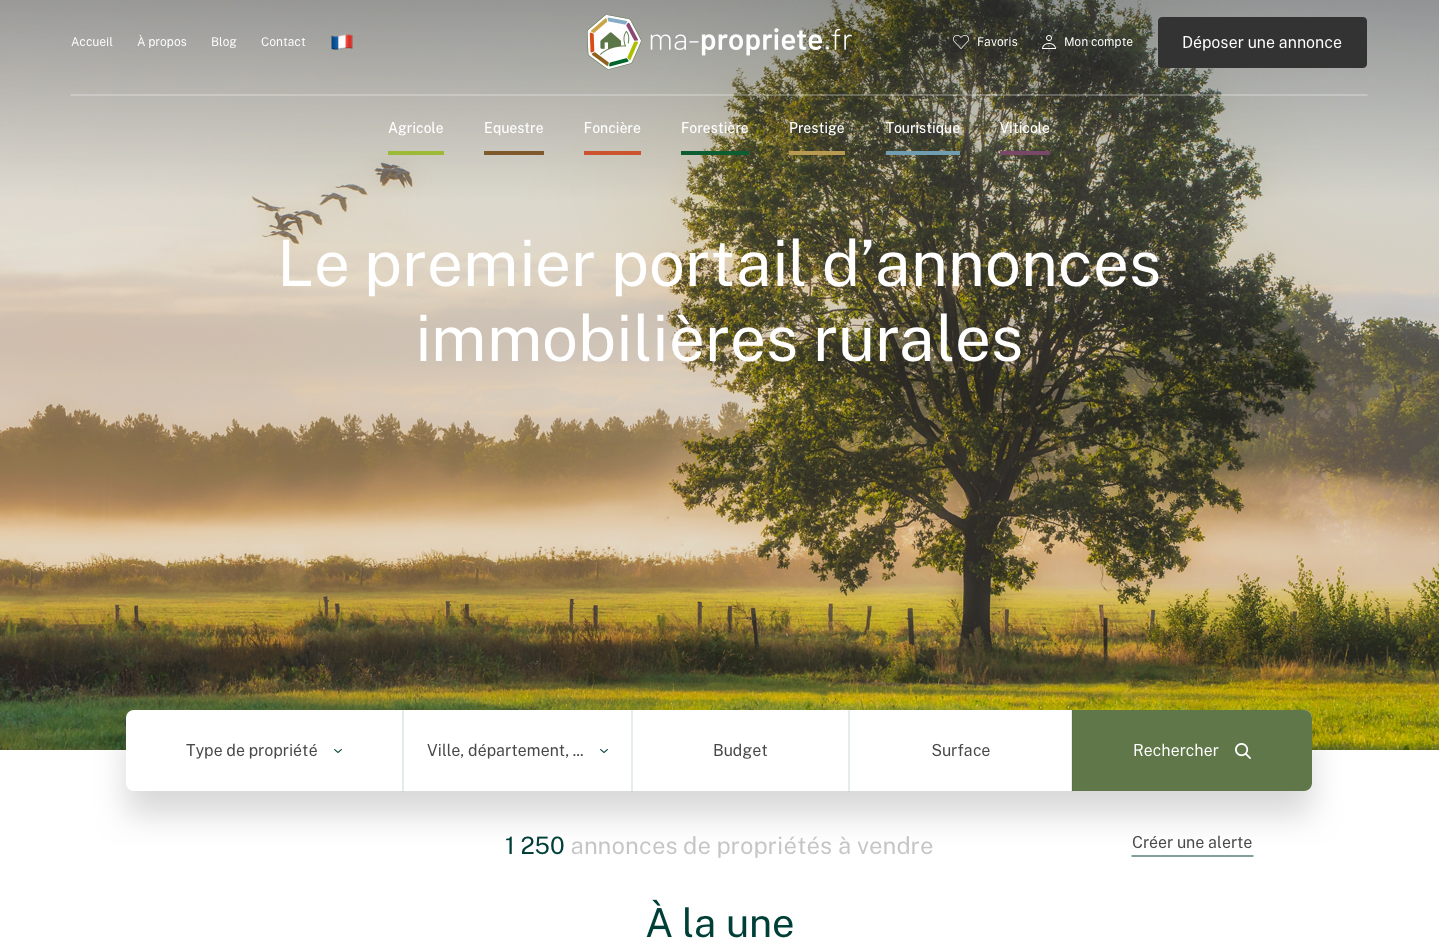 Ma-propriété.fr, premier portail d'annonces immobilières rurales